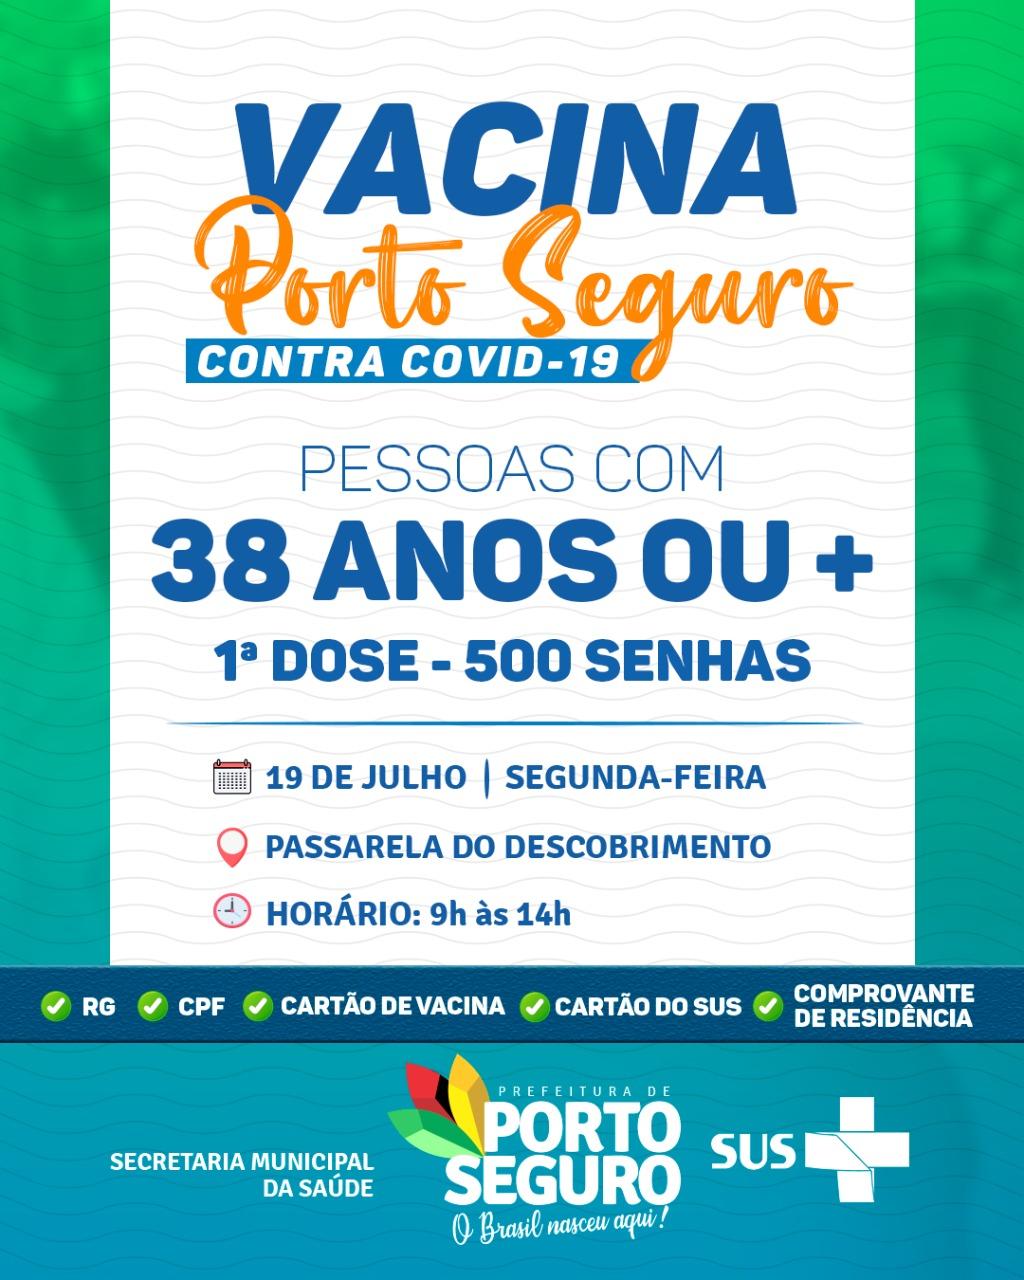 Vacina Porto Seguro contra Covid-19; cronograma de vacinação de 19 a 20 de julho 20